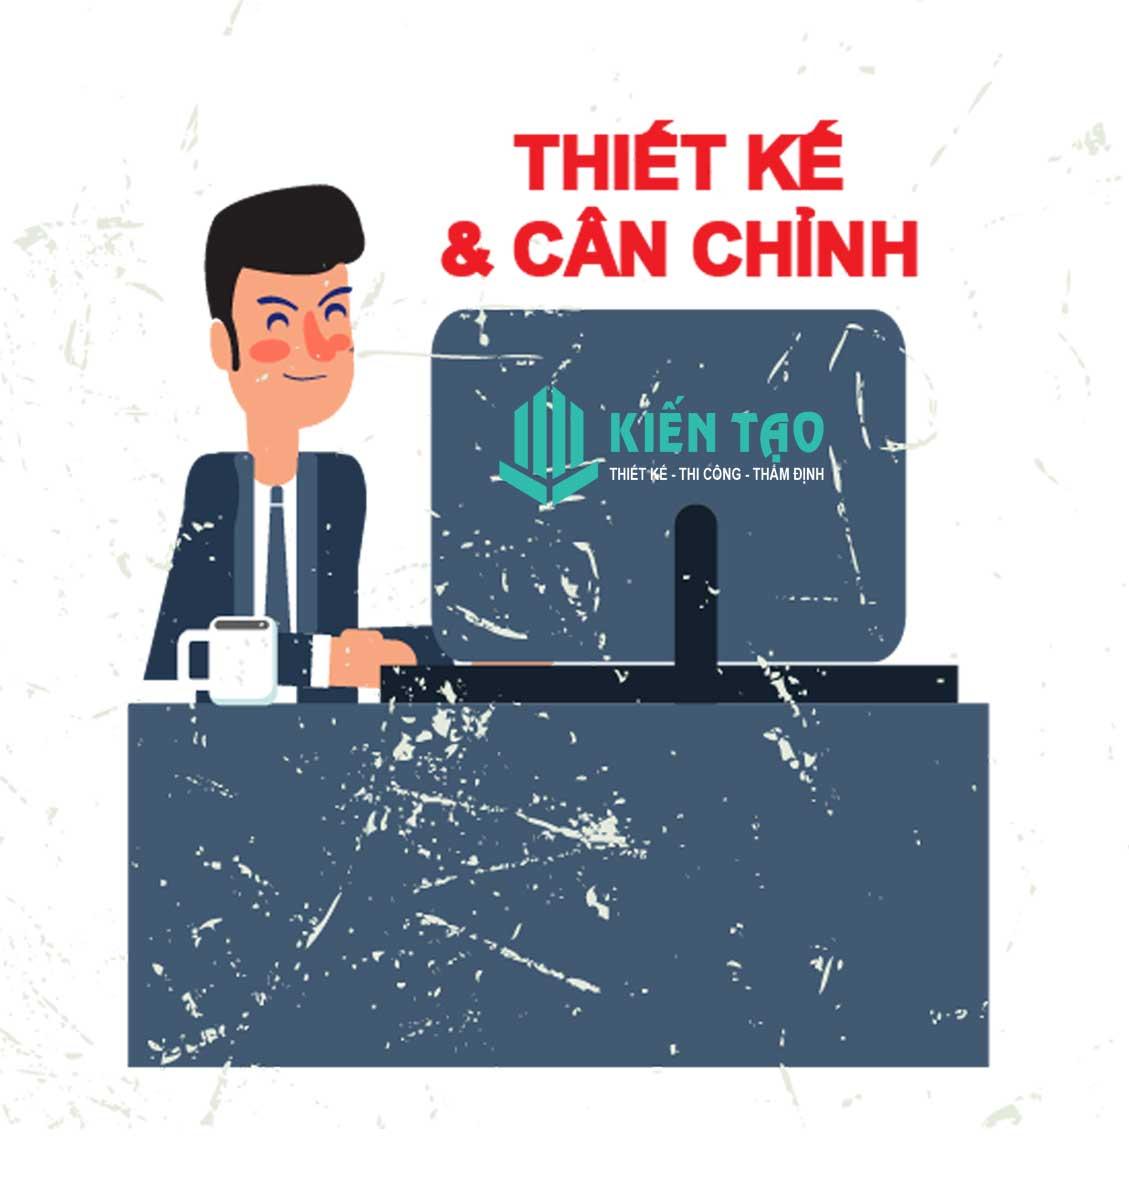 thiet-ke-nuoc-2-kien-tao